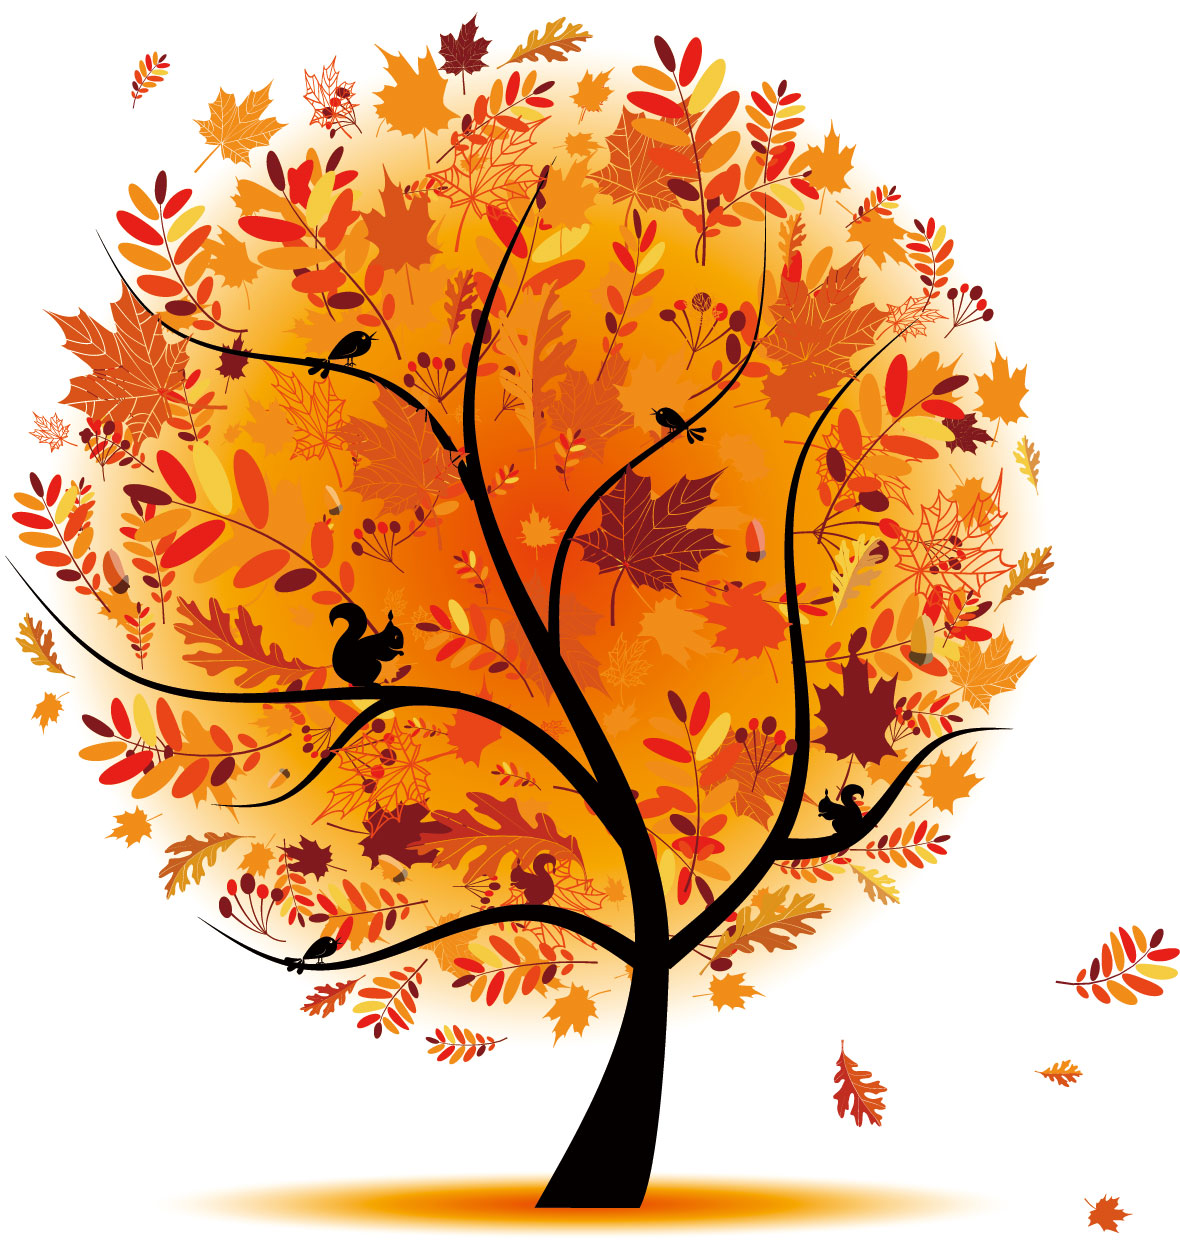 「無料葉っぱの紅葉」の画像検索結果